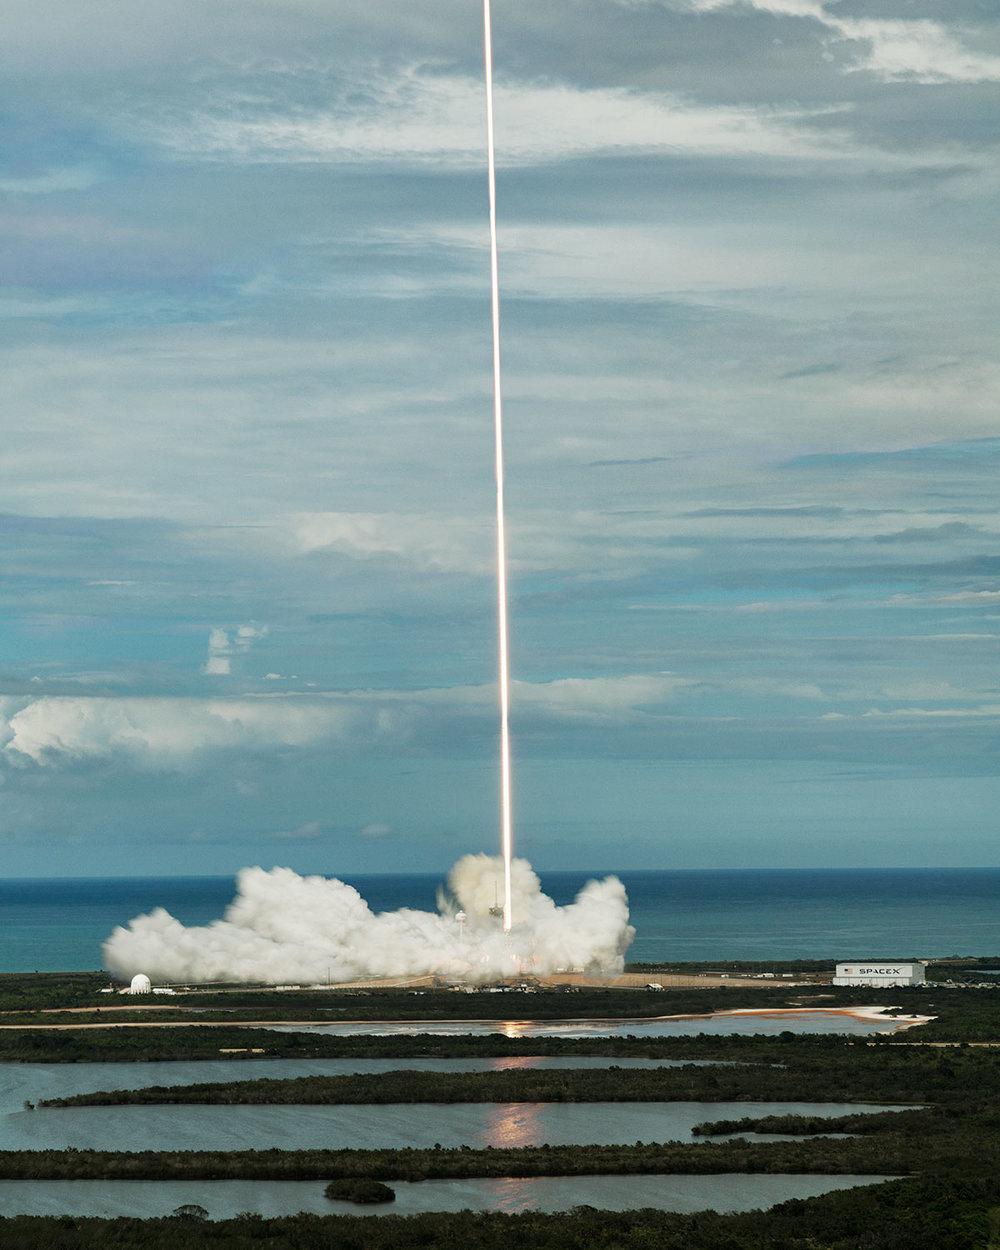 170603_SpaceX-CRS11_1678.jpg